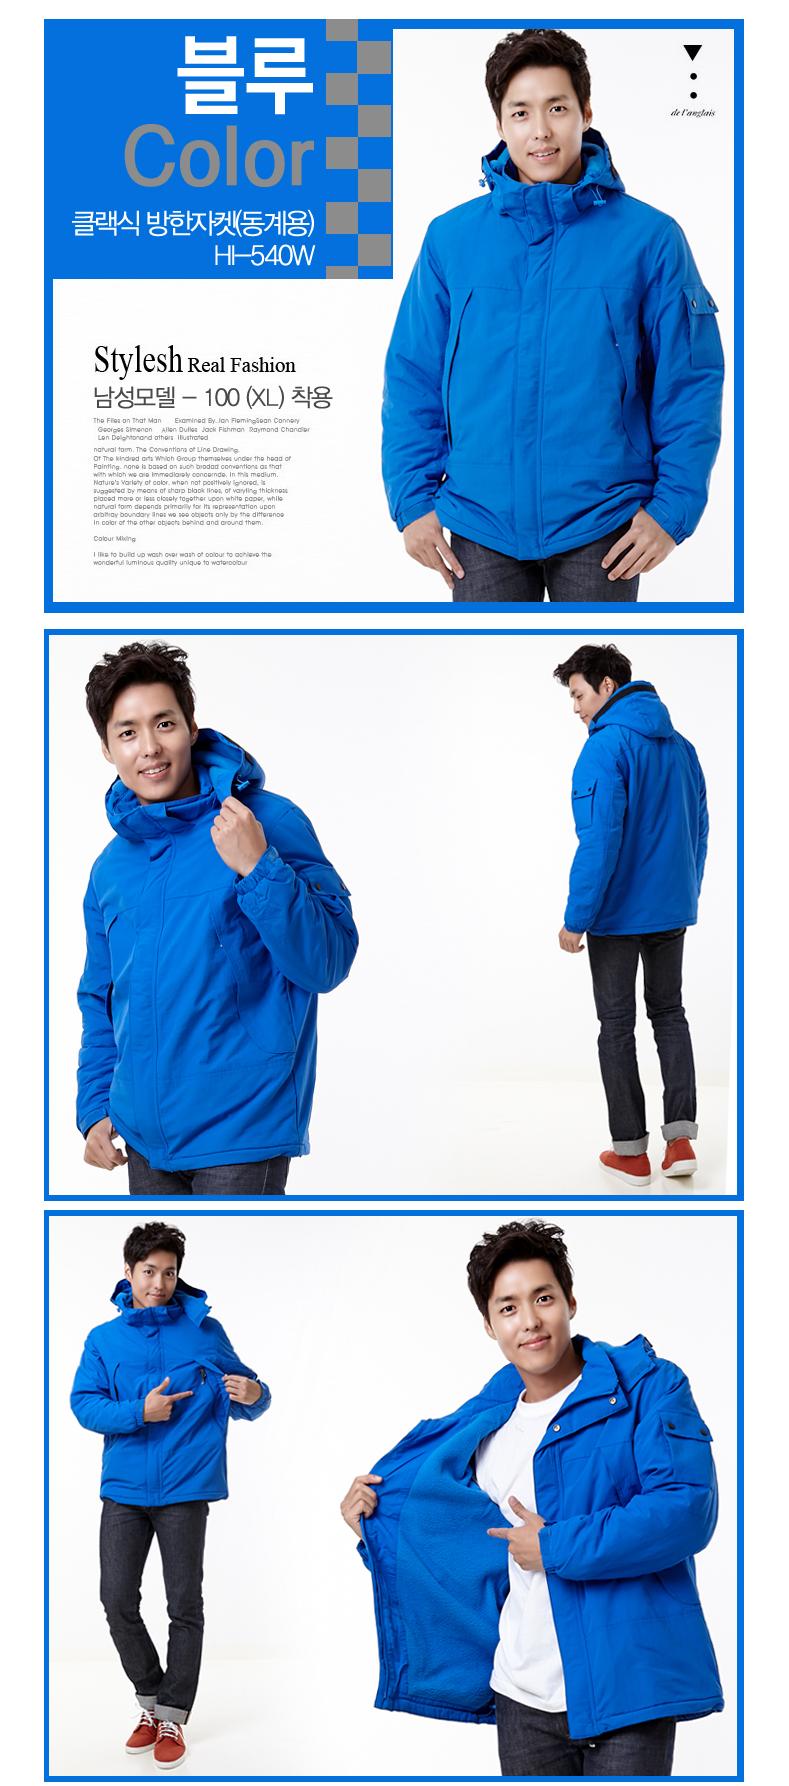 JK540W-blue.jpg